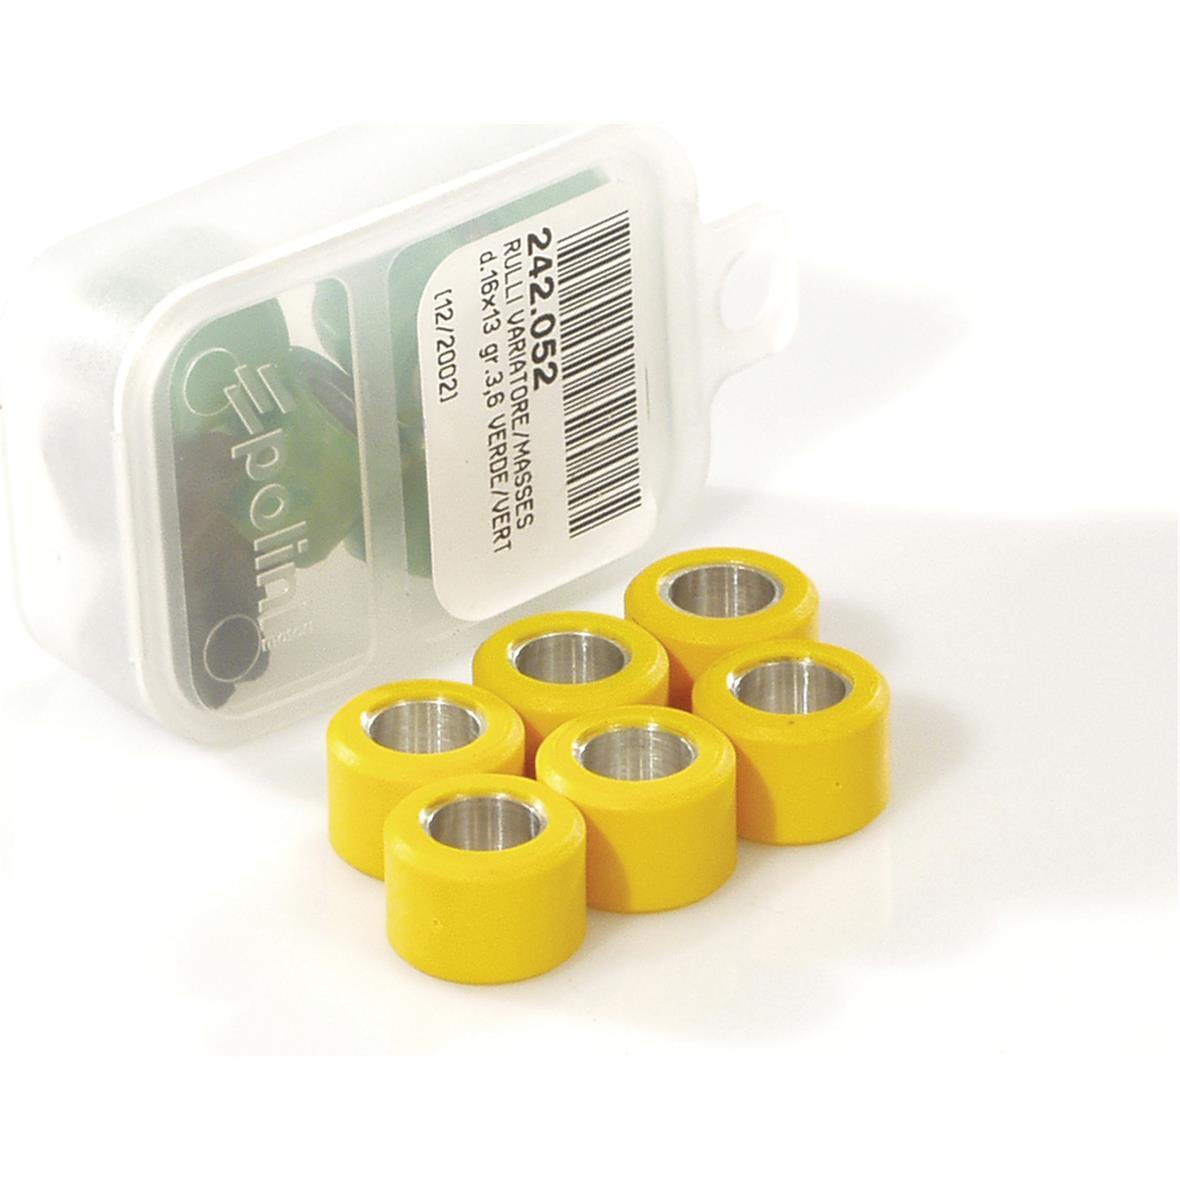 Zdjęcie produktu dla 'Rolki Variatora POLINI 15x12 mm 6,7 gTitle'